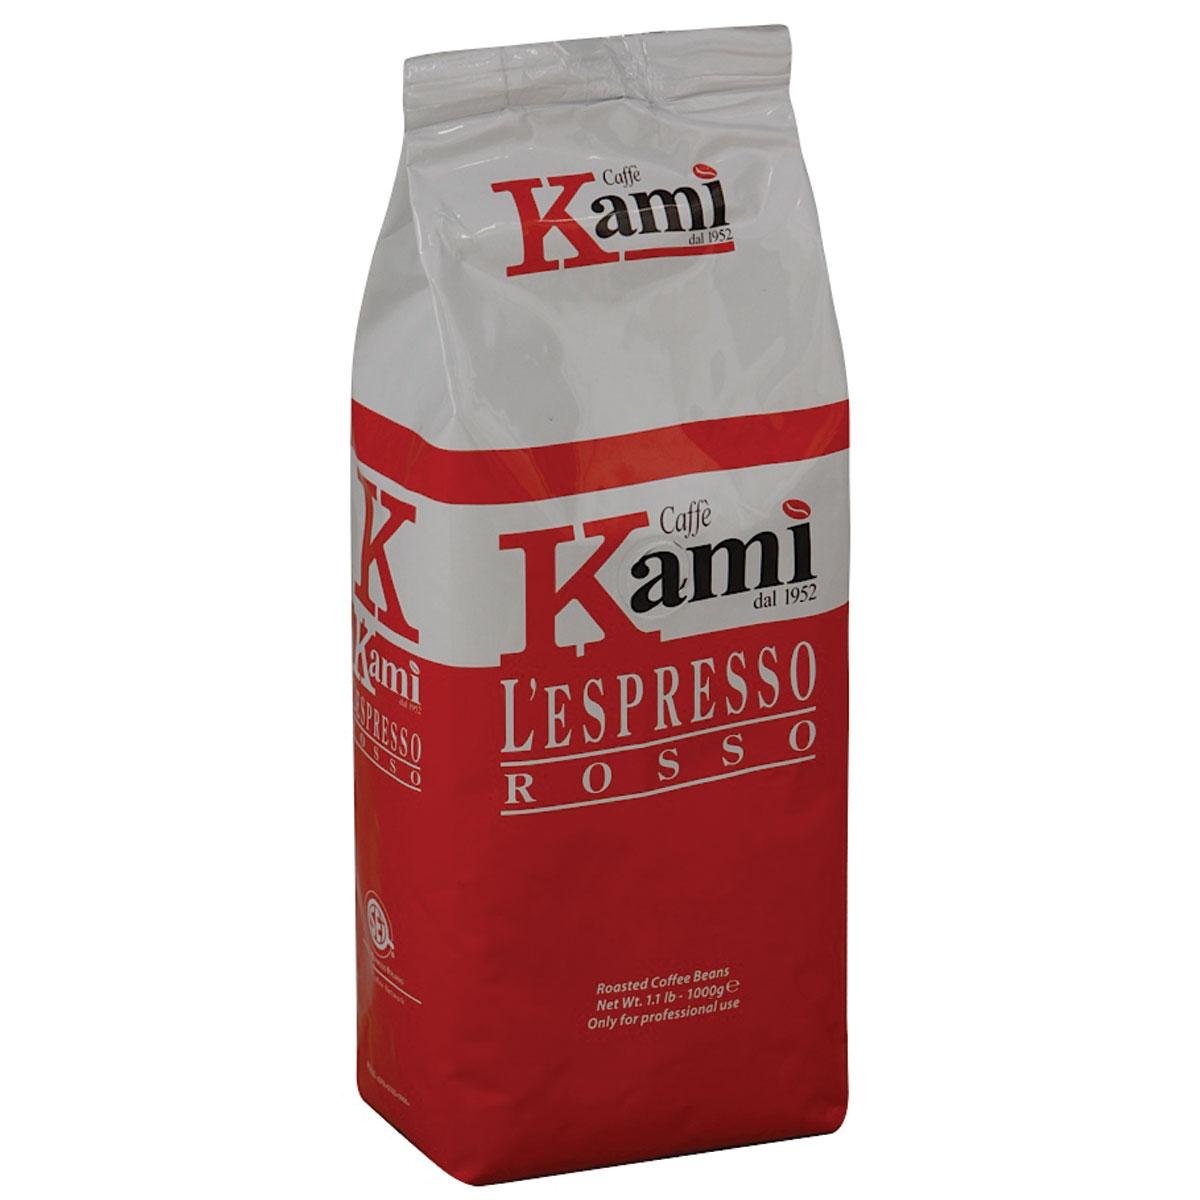 Kami Rosso кофе в зернах, 1 кг 8033300583005